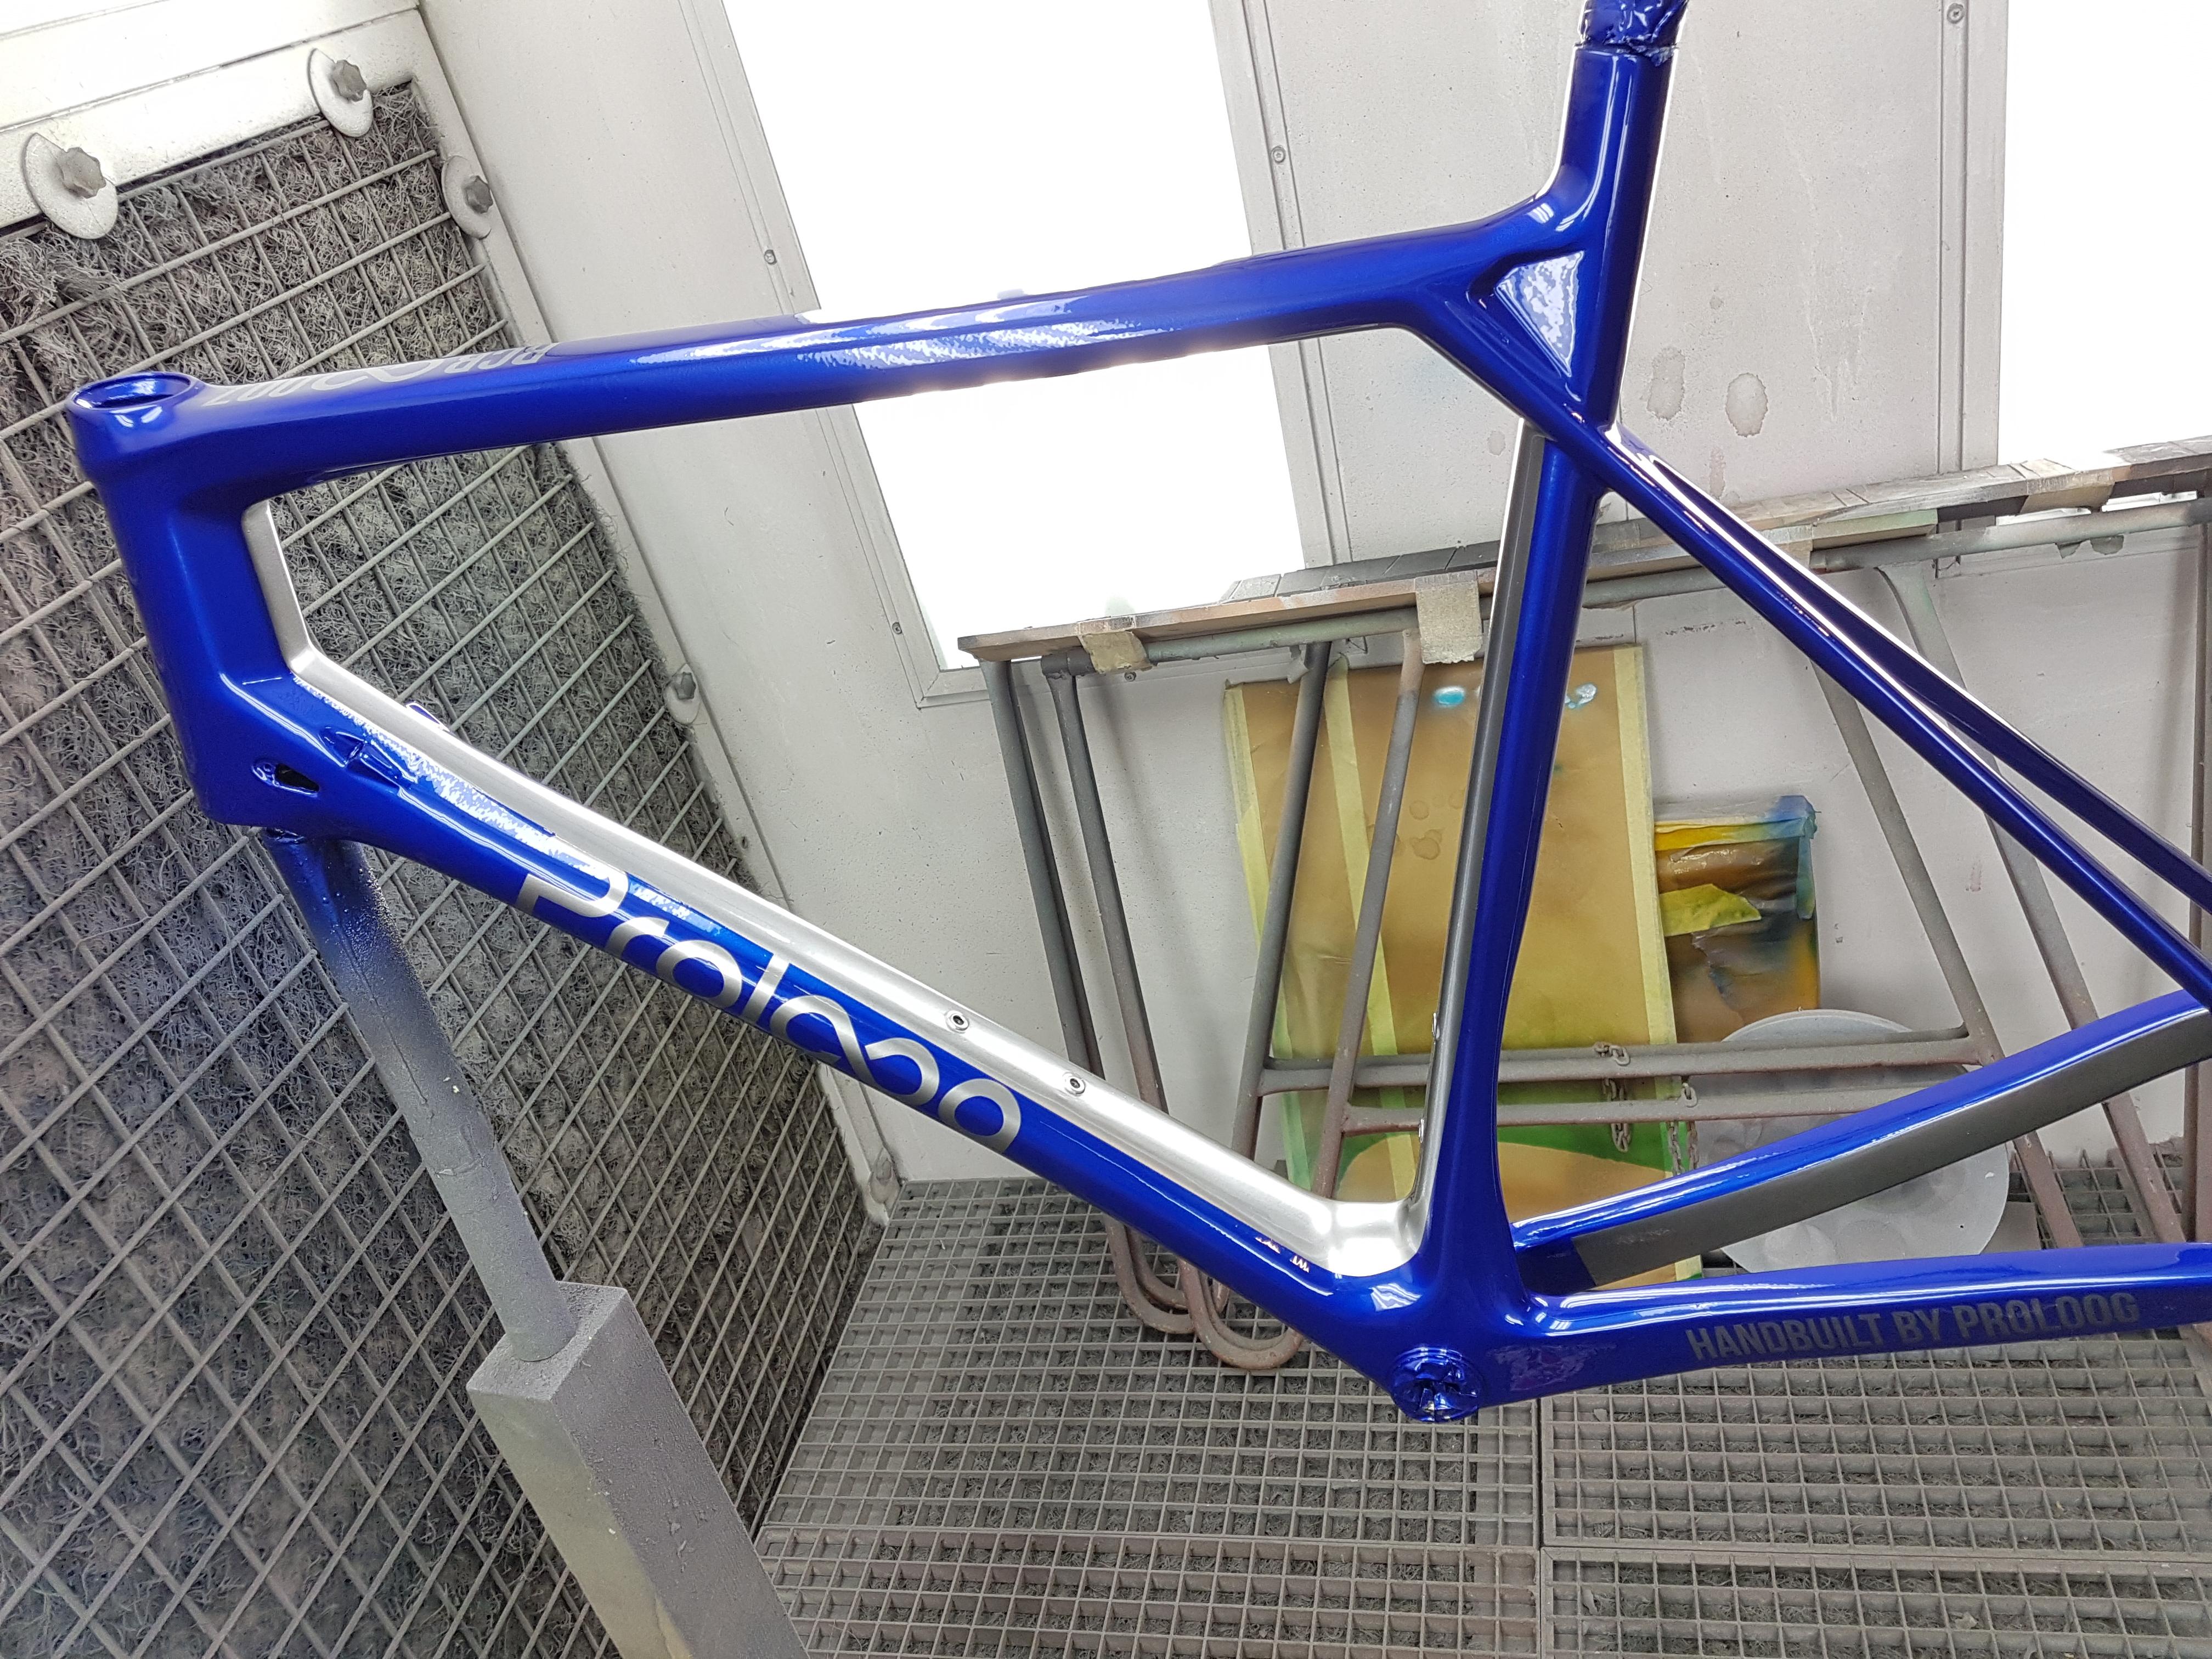 chroom effect frame